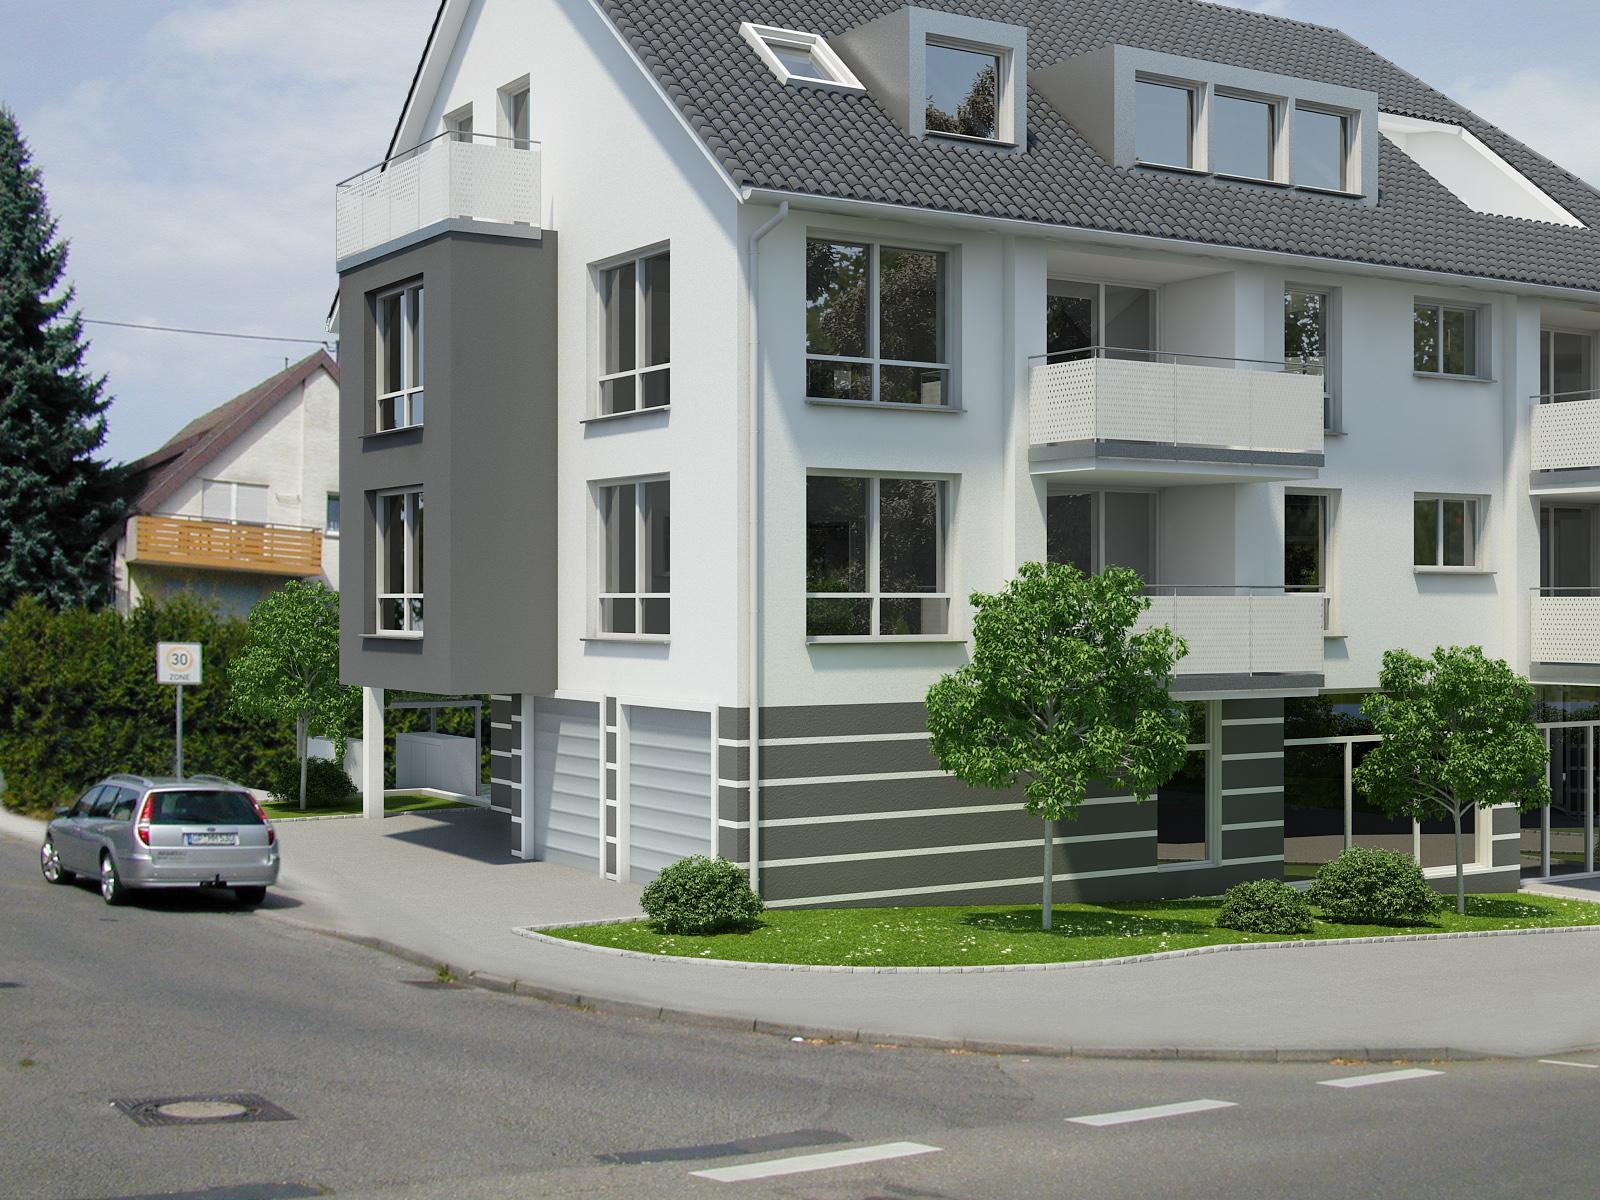 Regiebau gmbh modernes mehrfamilienhaus im herzen von for Mehrfamilienhaus neubau